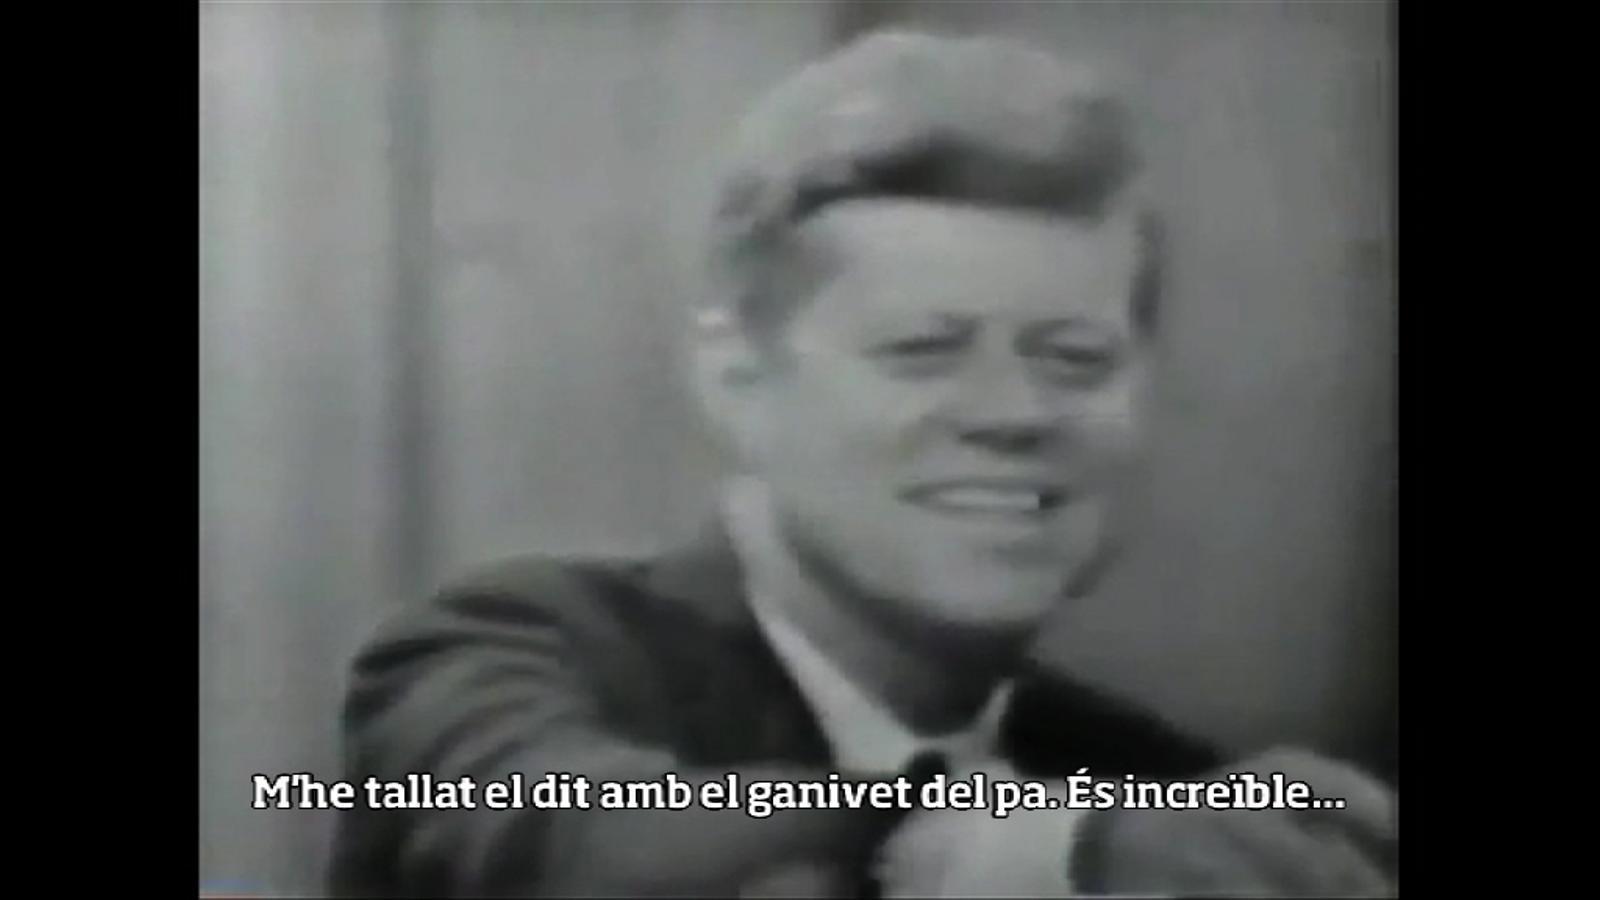 Un magnicidi televisat (1): la mort de Kennedy, el primer gran drama global contemporani